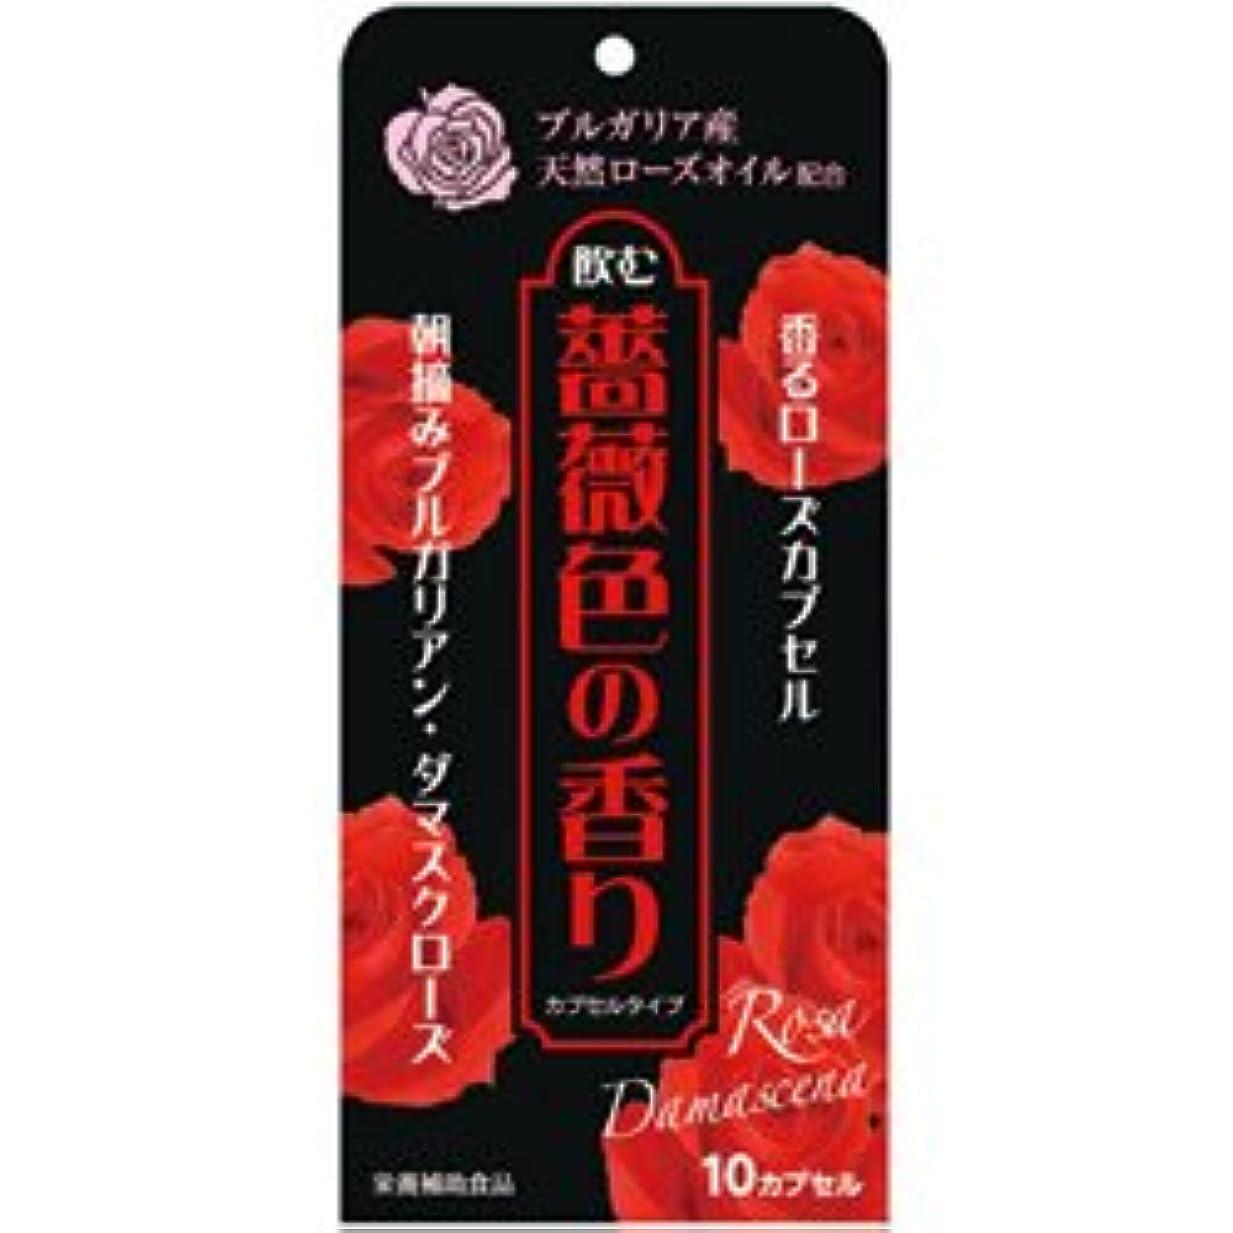 タバコ霜グラフ【ウェルネスジャパン】飲む薔薇色の香り 10カプセル ×20個セット